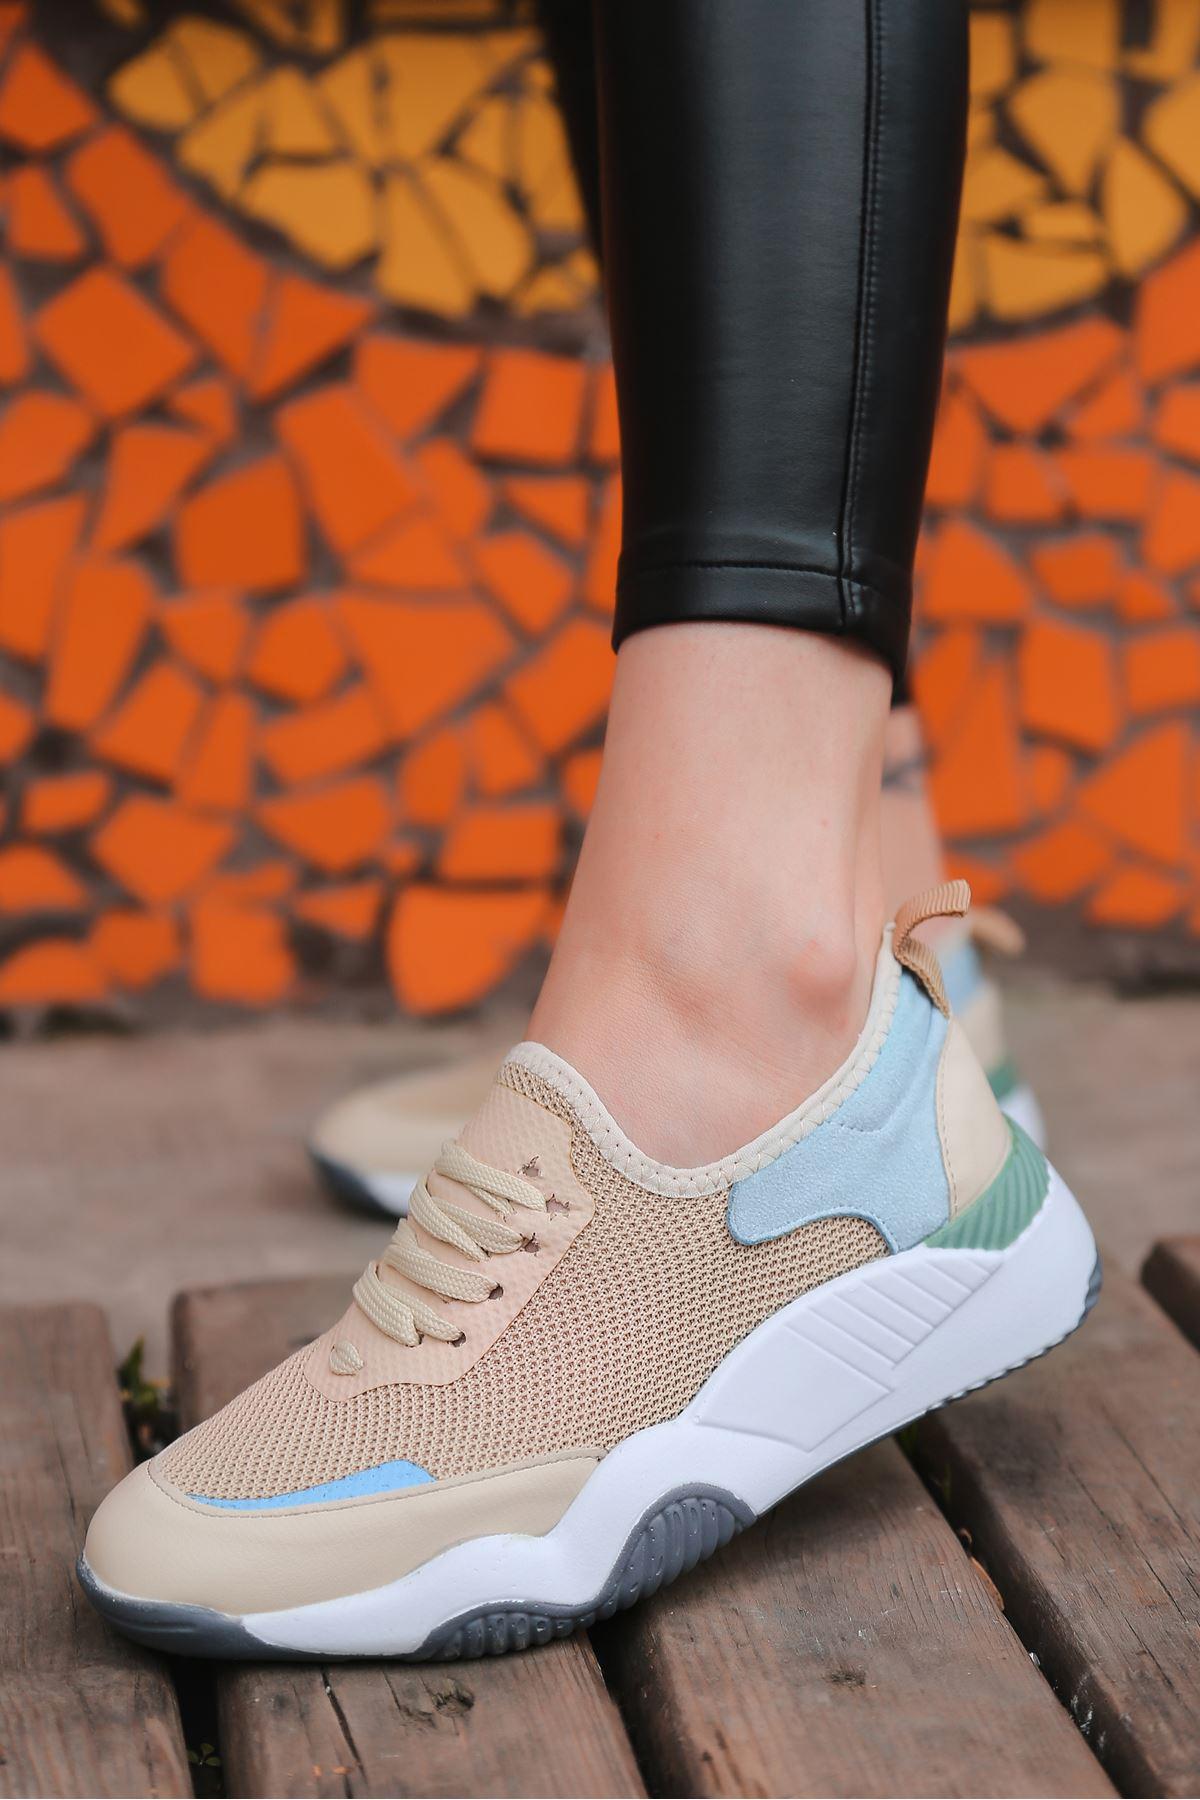 Rovina Krem Mavi Parçalı Bağcık Detalı Kadın Spor Ayakkabı